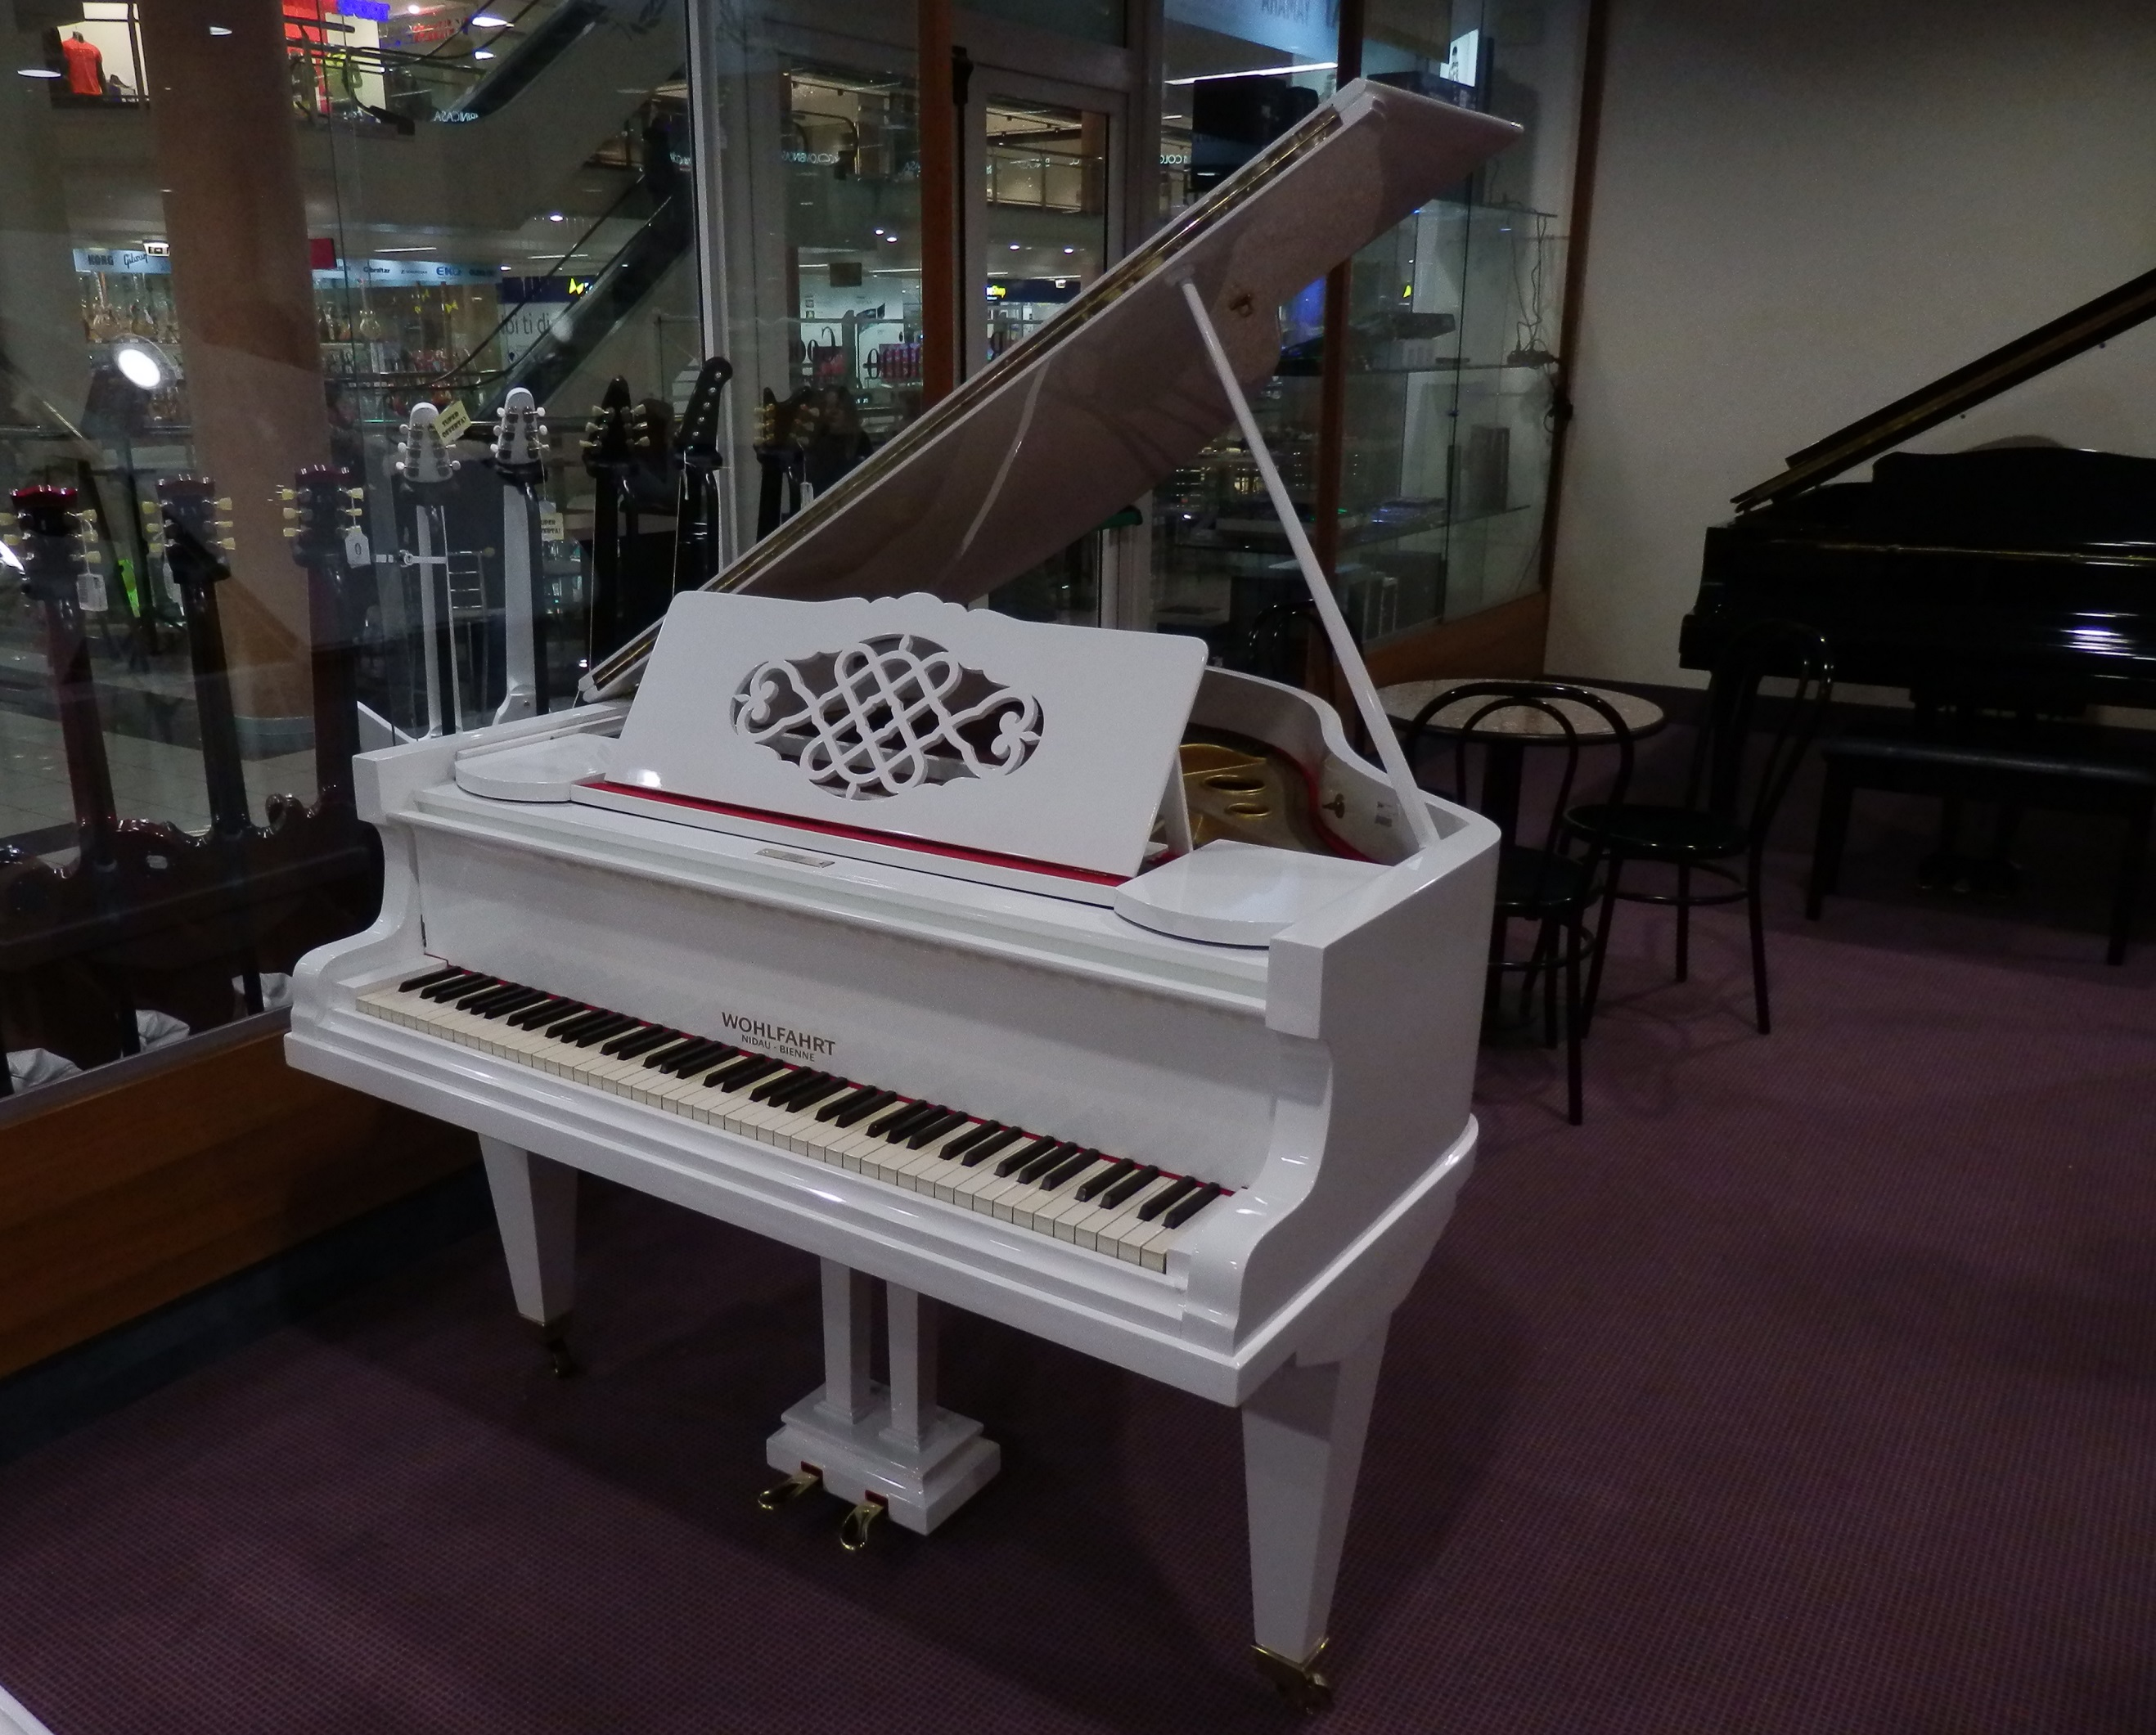 Pianoforte coda bianco lucido usato wohlfahrt strumenti musicali